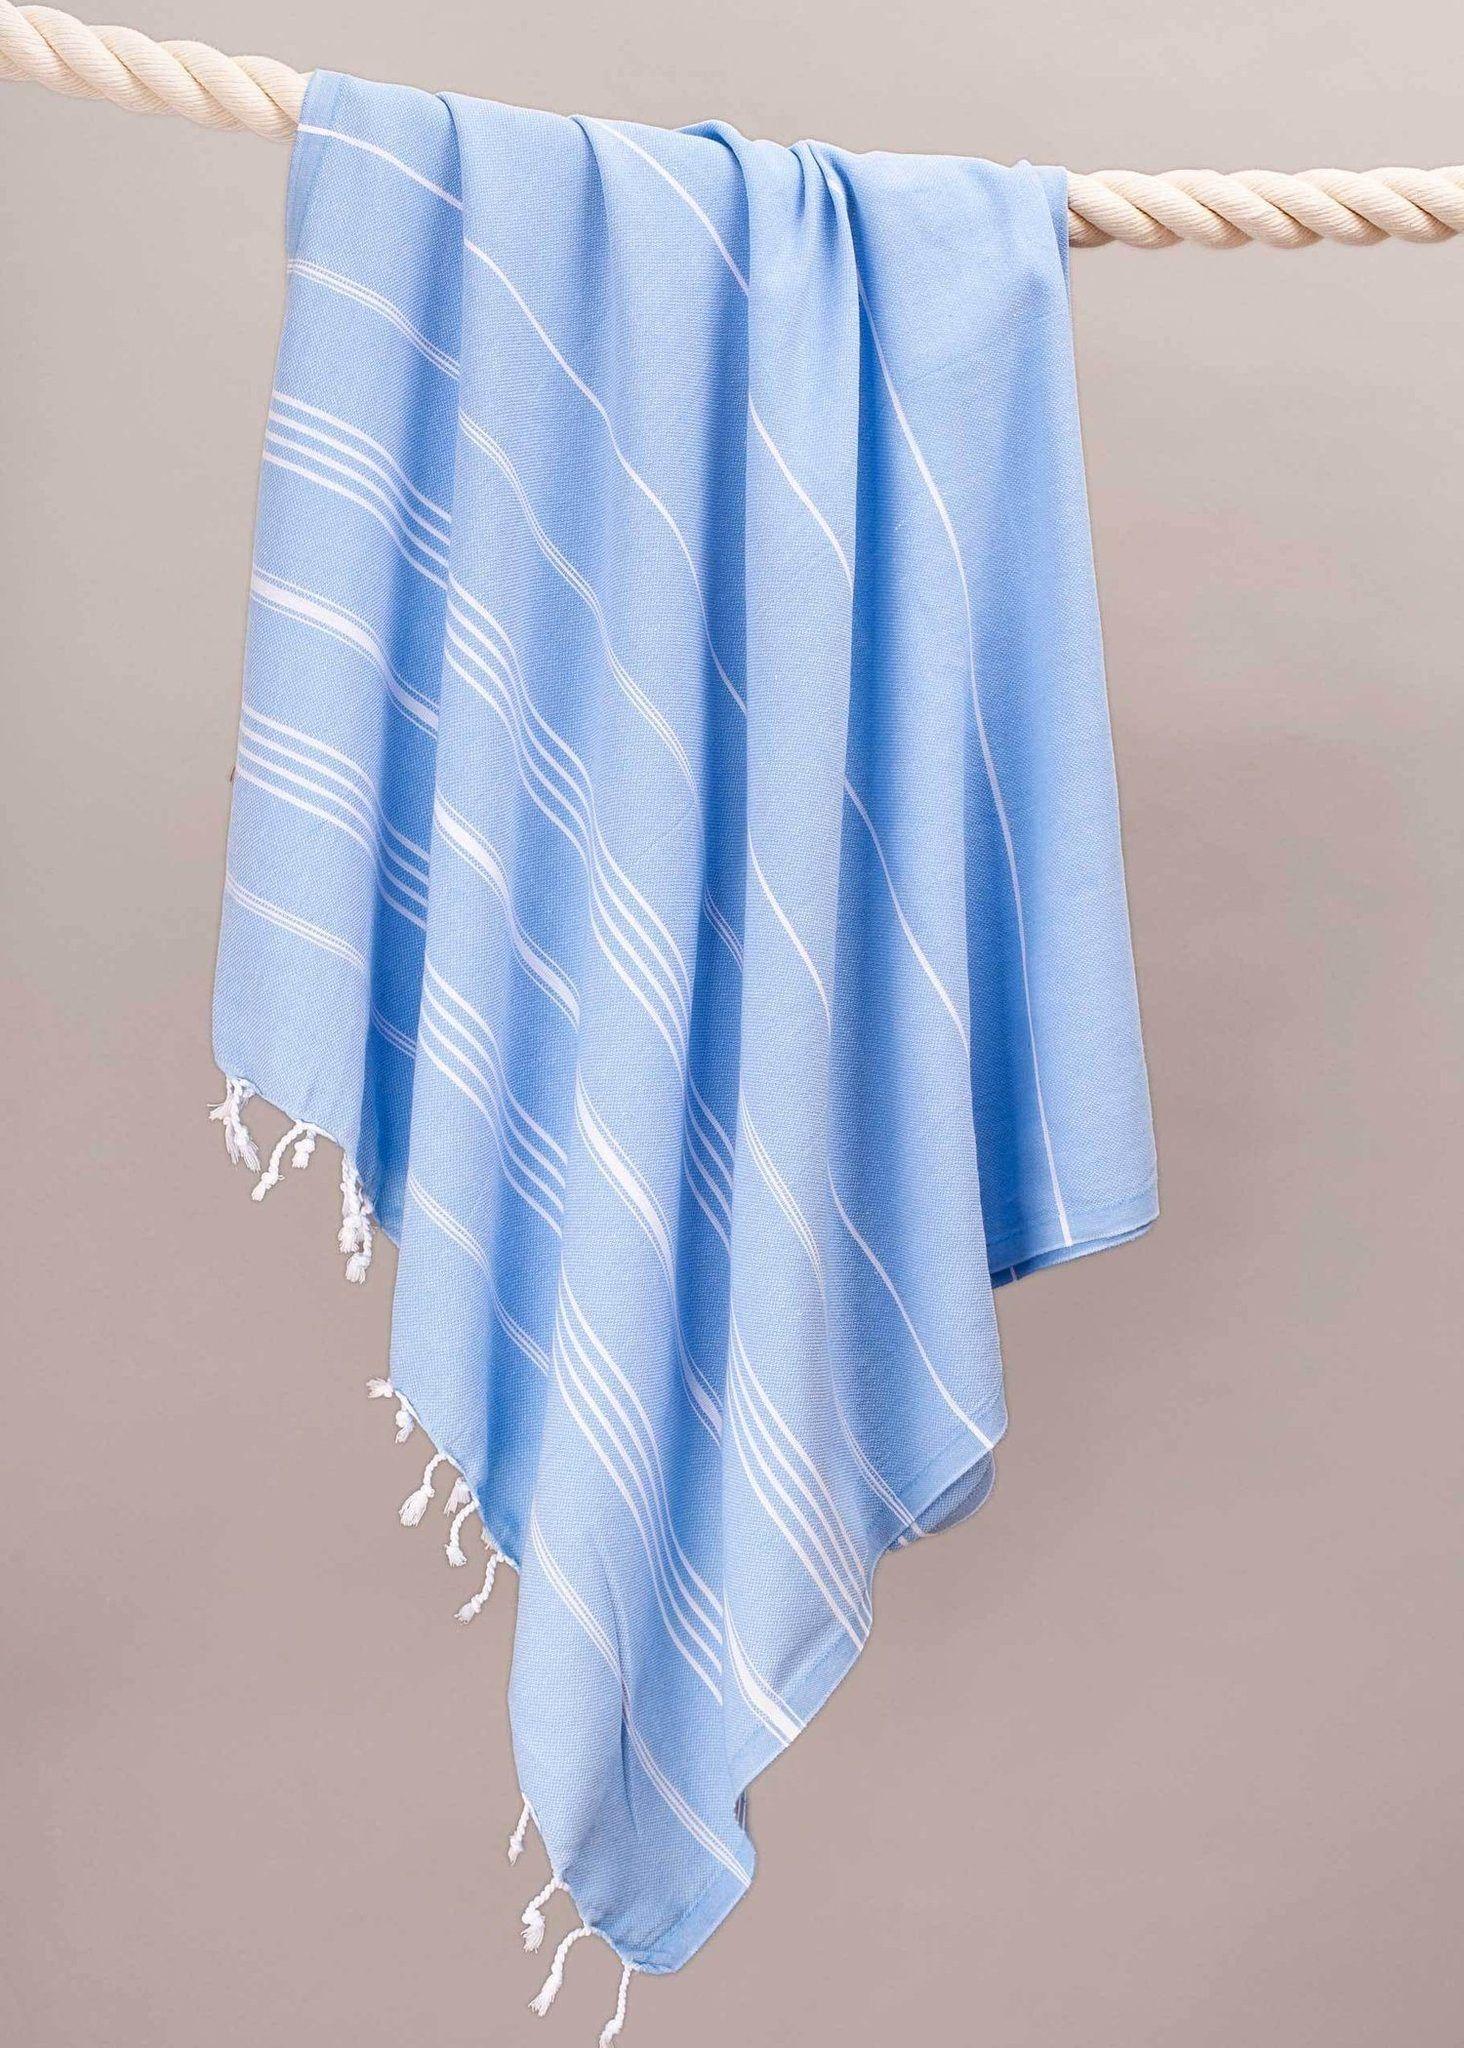 Essential Turkish Towel Turkish Towels Turkish Towels Beach